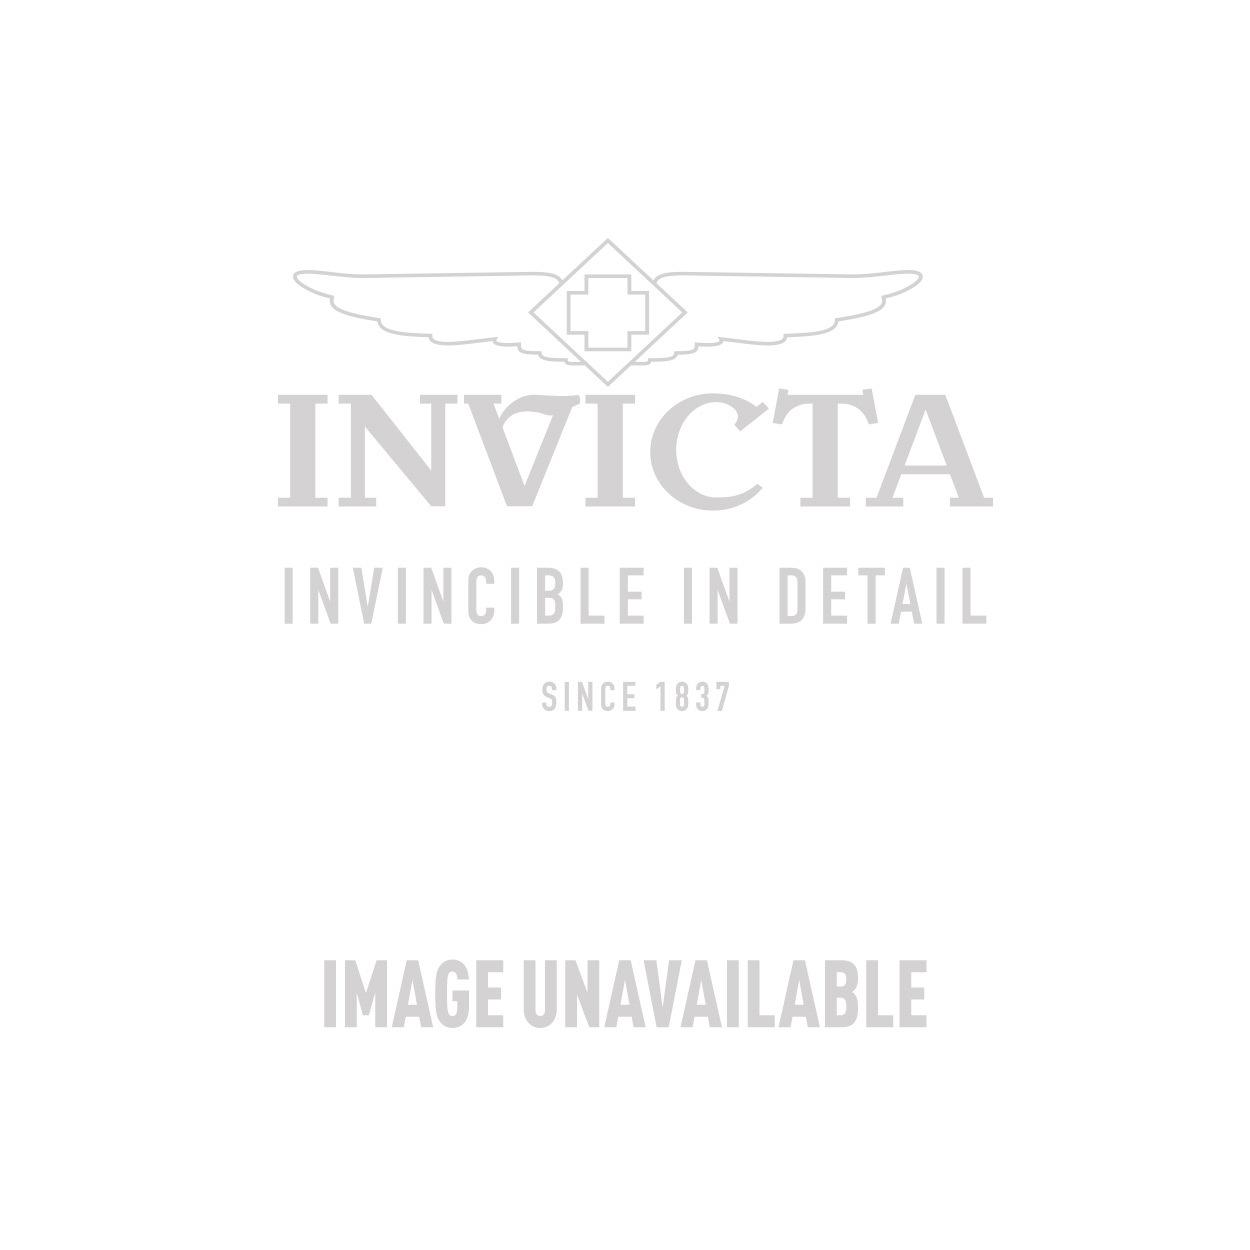 Invicta Model 23660